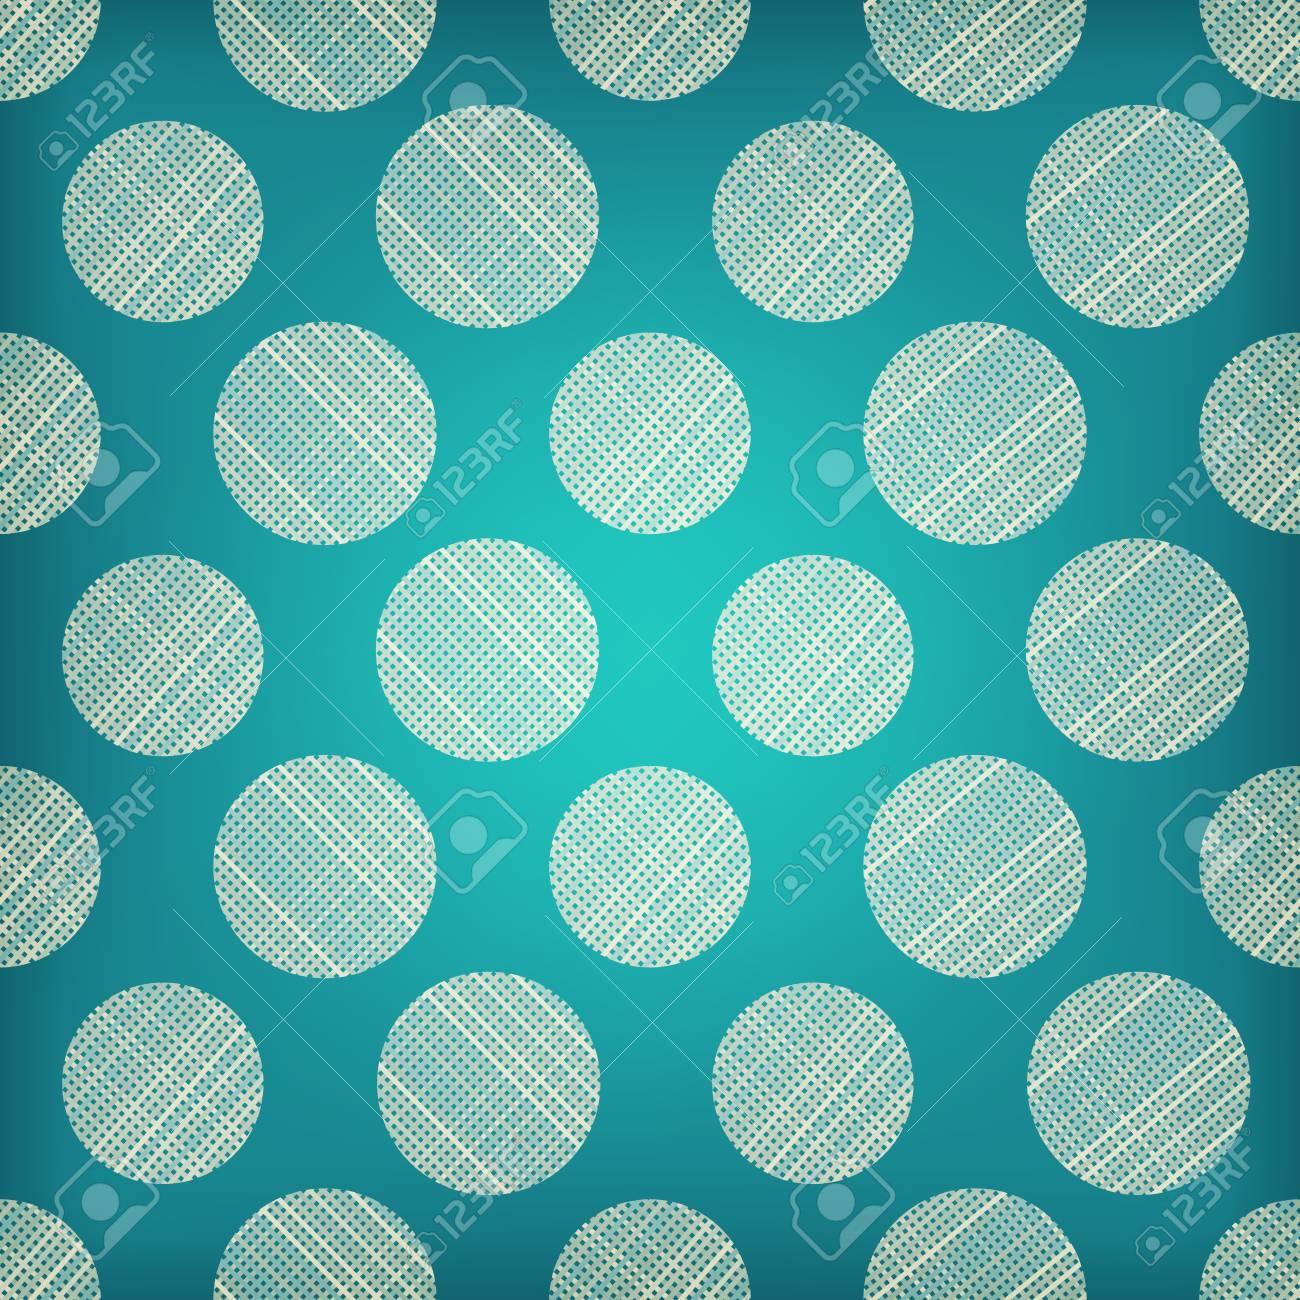 Modelo Inconsútil Geométrico Abstracto De Los Círculos. La Textura ...